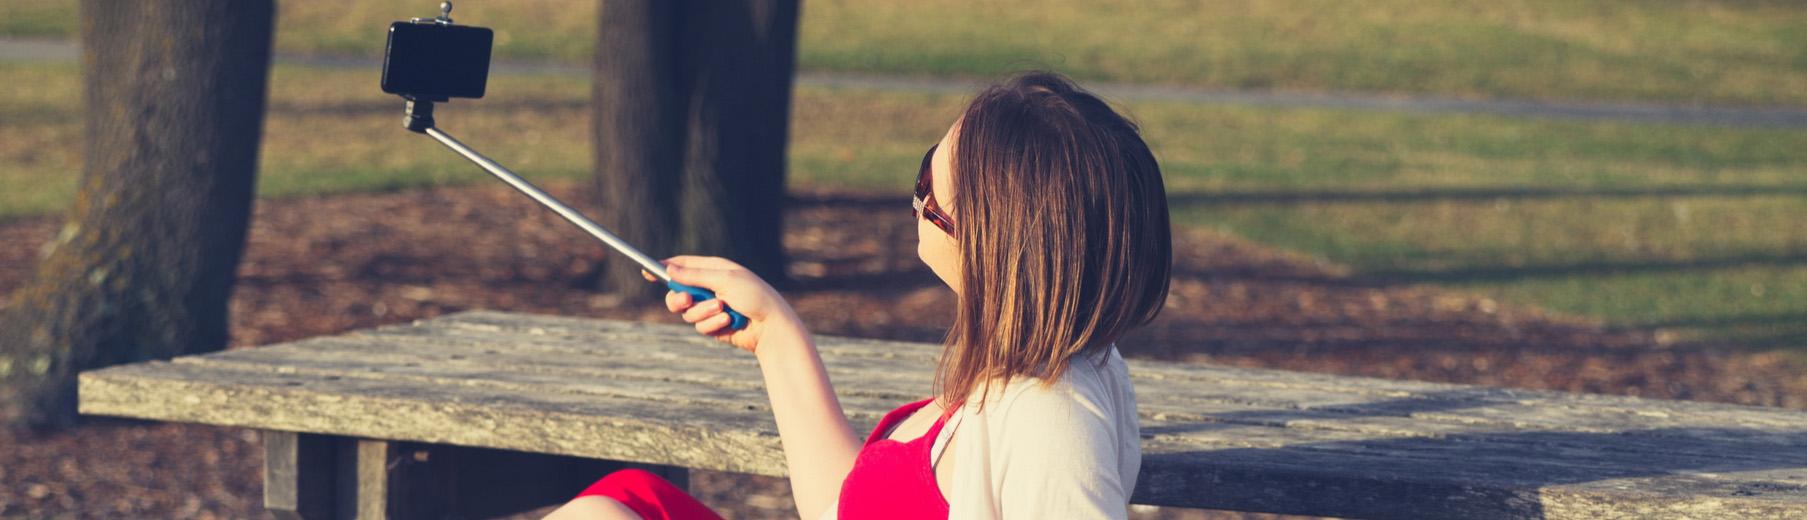 Το Selfie Stick είναι ένα από τα πιο πρακτικά travel gadgets.